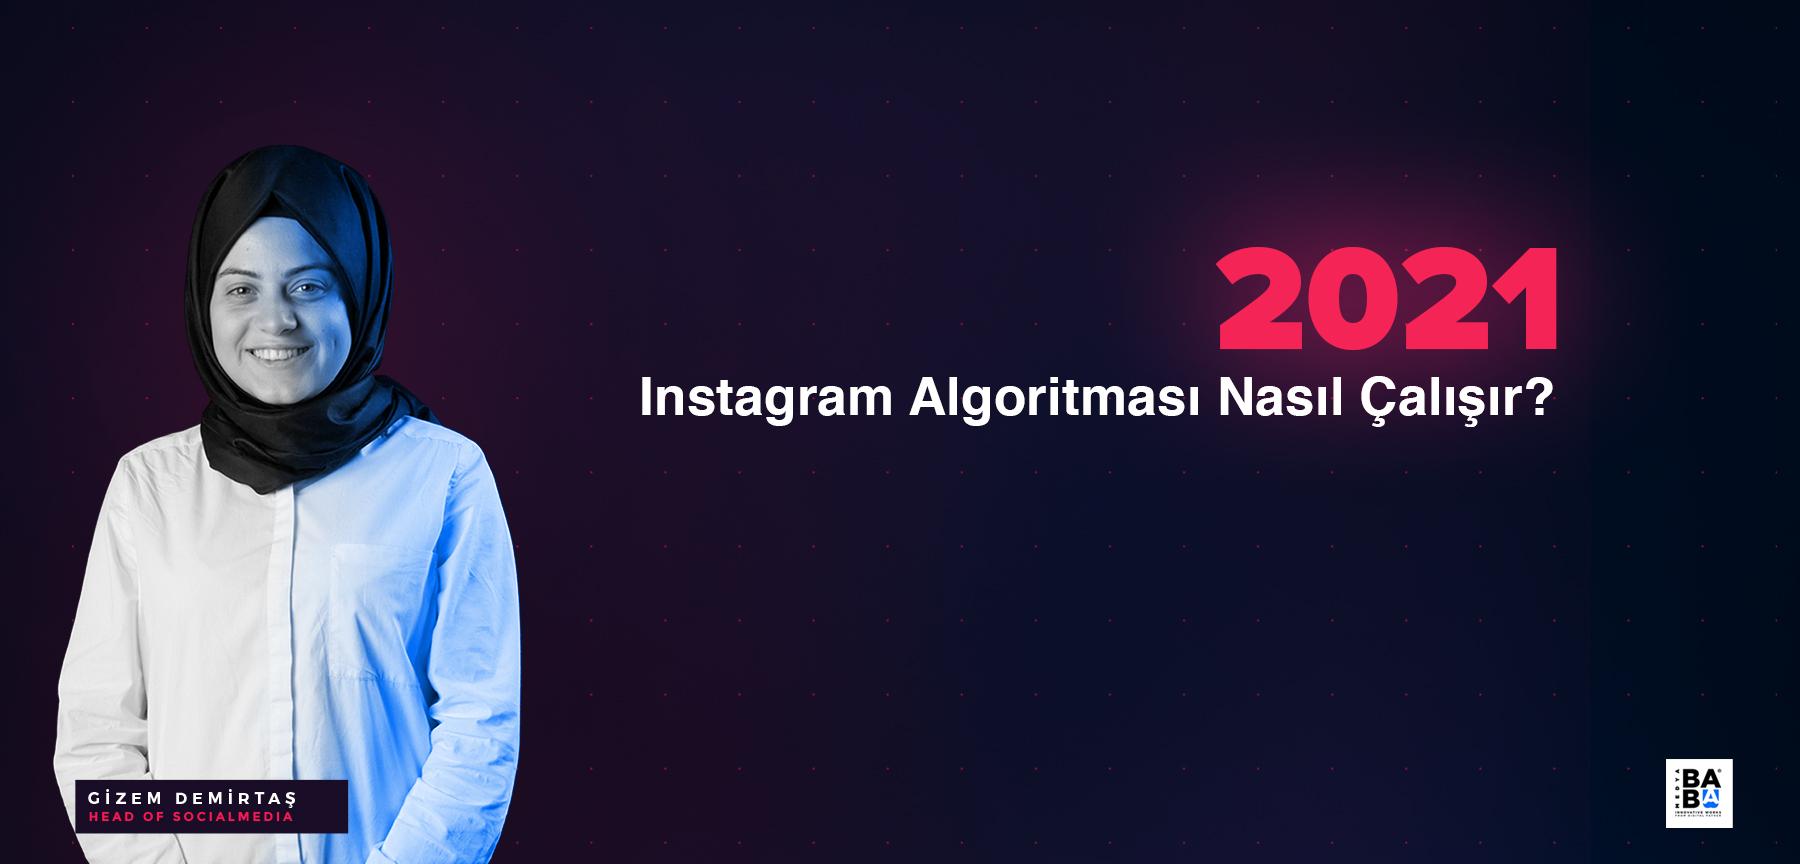 2021 Instagram algoritması nasıl çalışıyor?